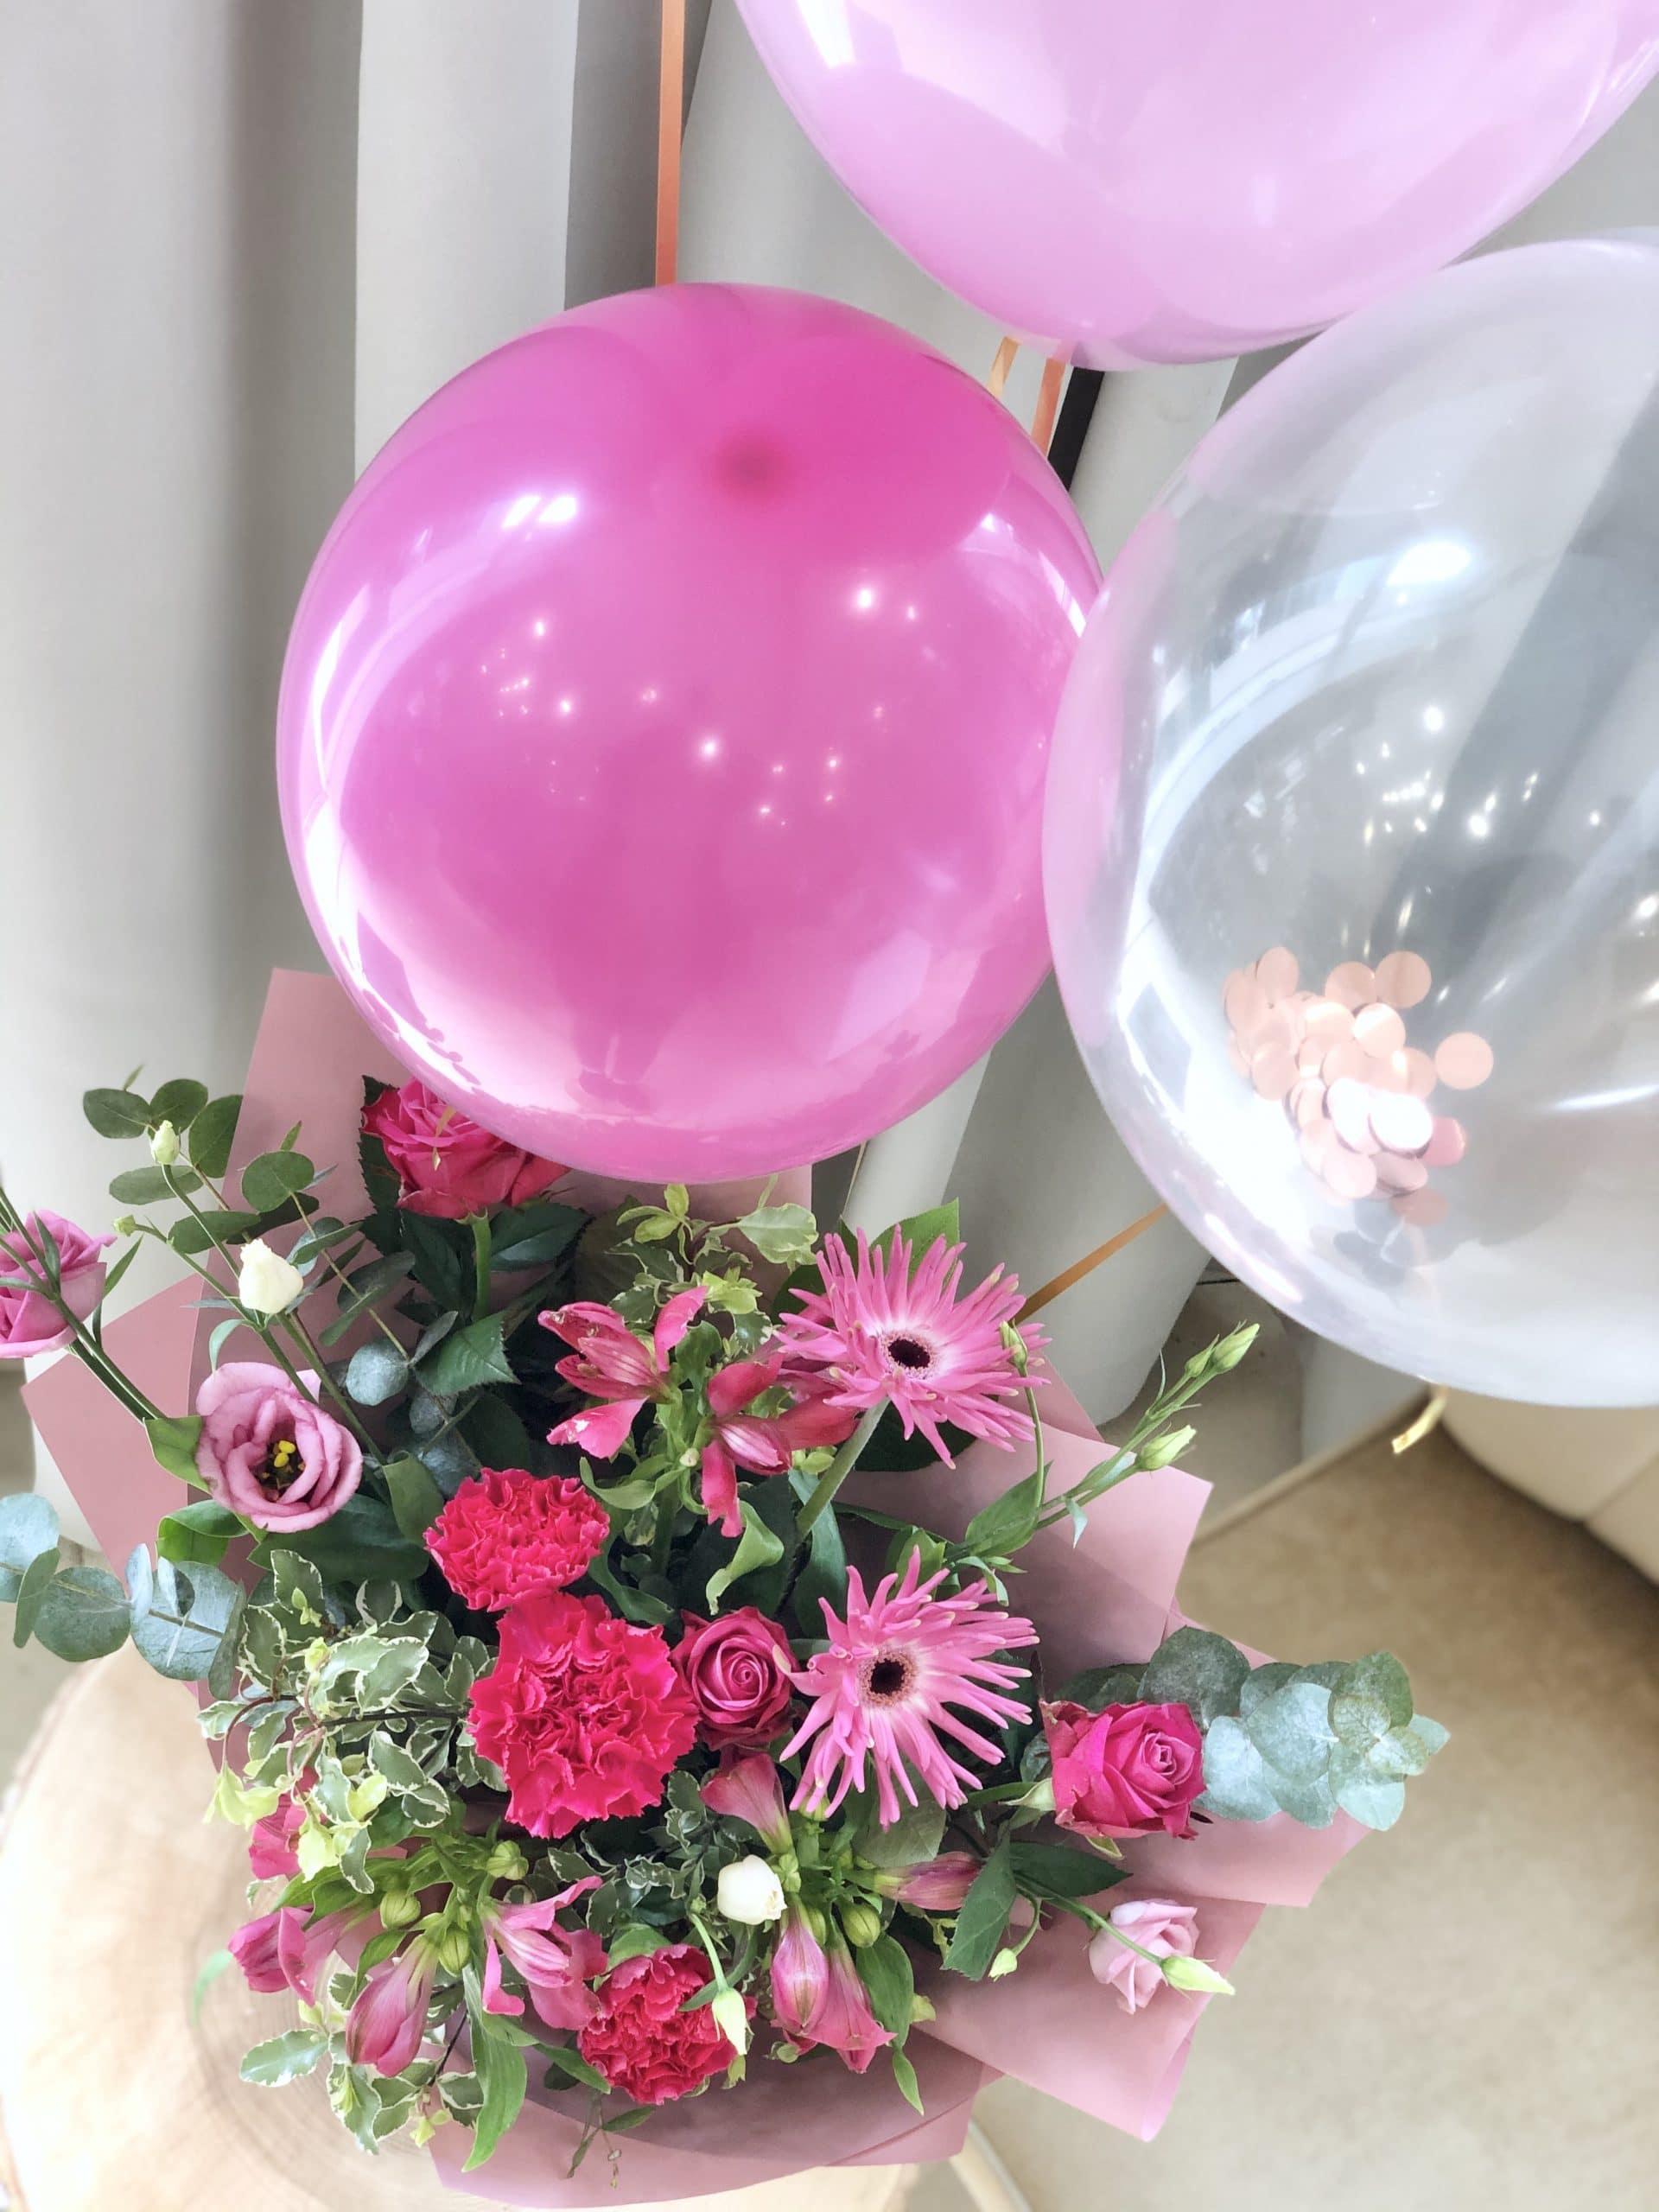 Zestaw urodzinowy – bukiet fuksjowy, kartka, balony, świeca